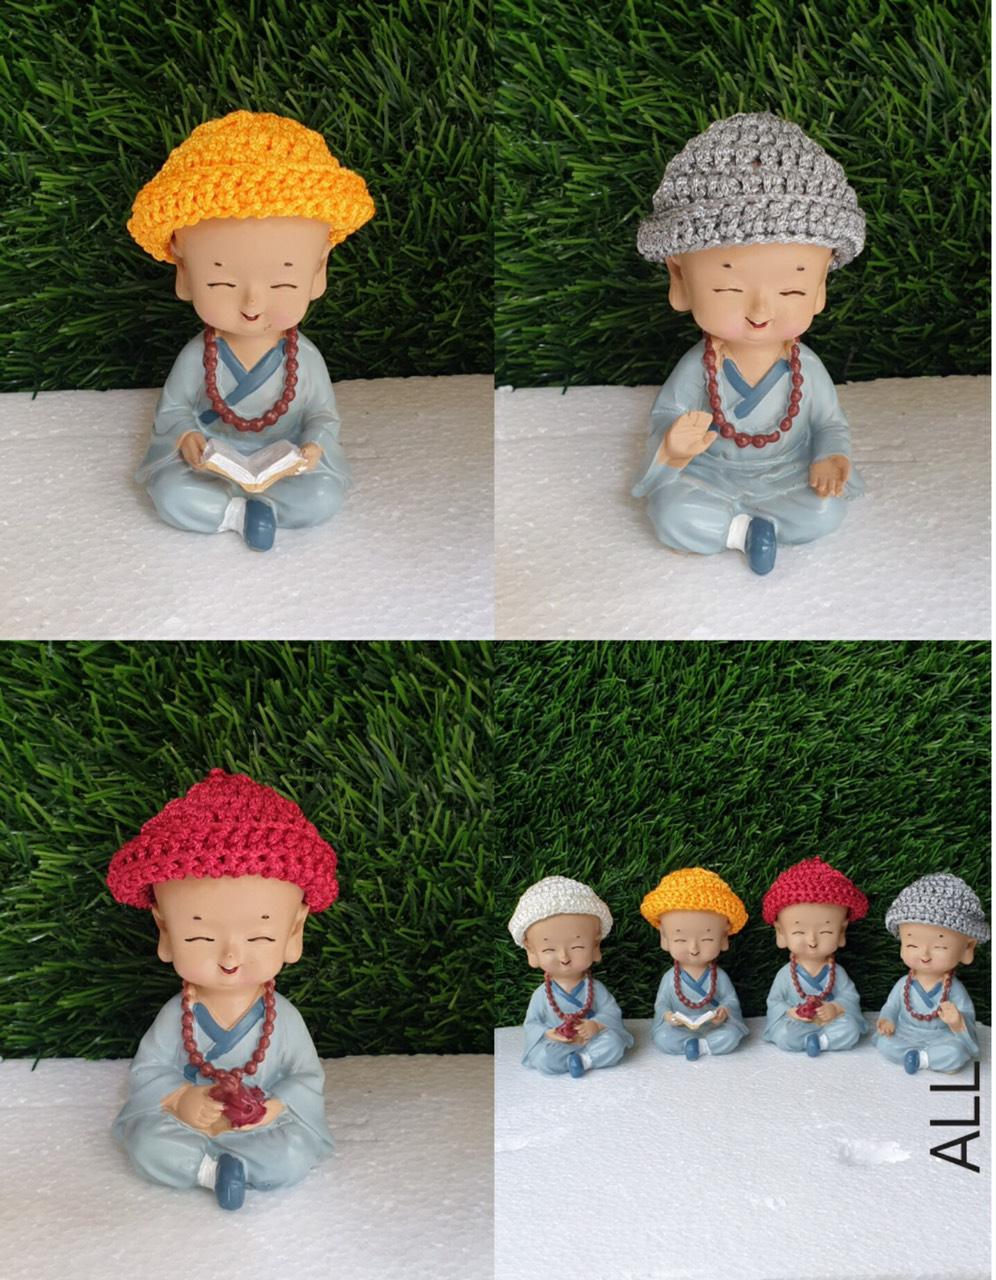 tượng chú tiểu vui nhộn mẫu ngẫu nhiên đội nón len chùa